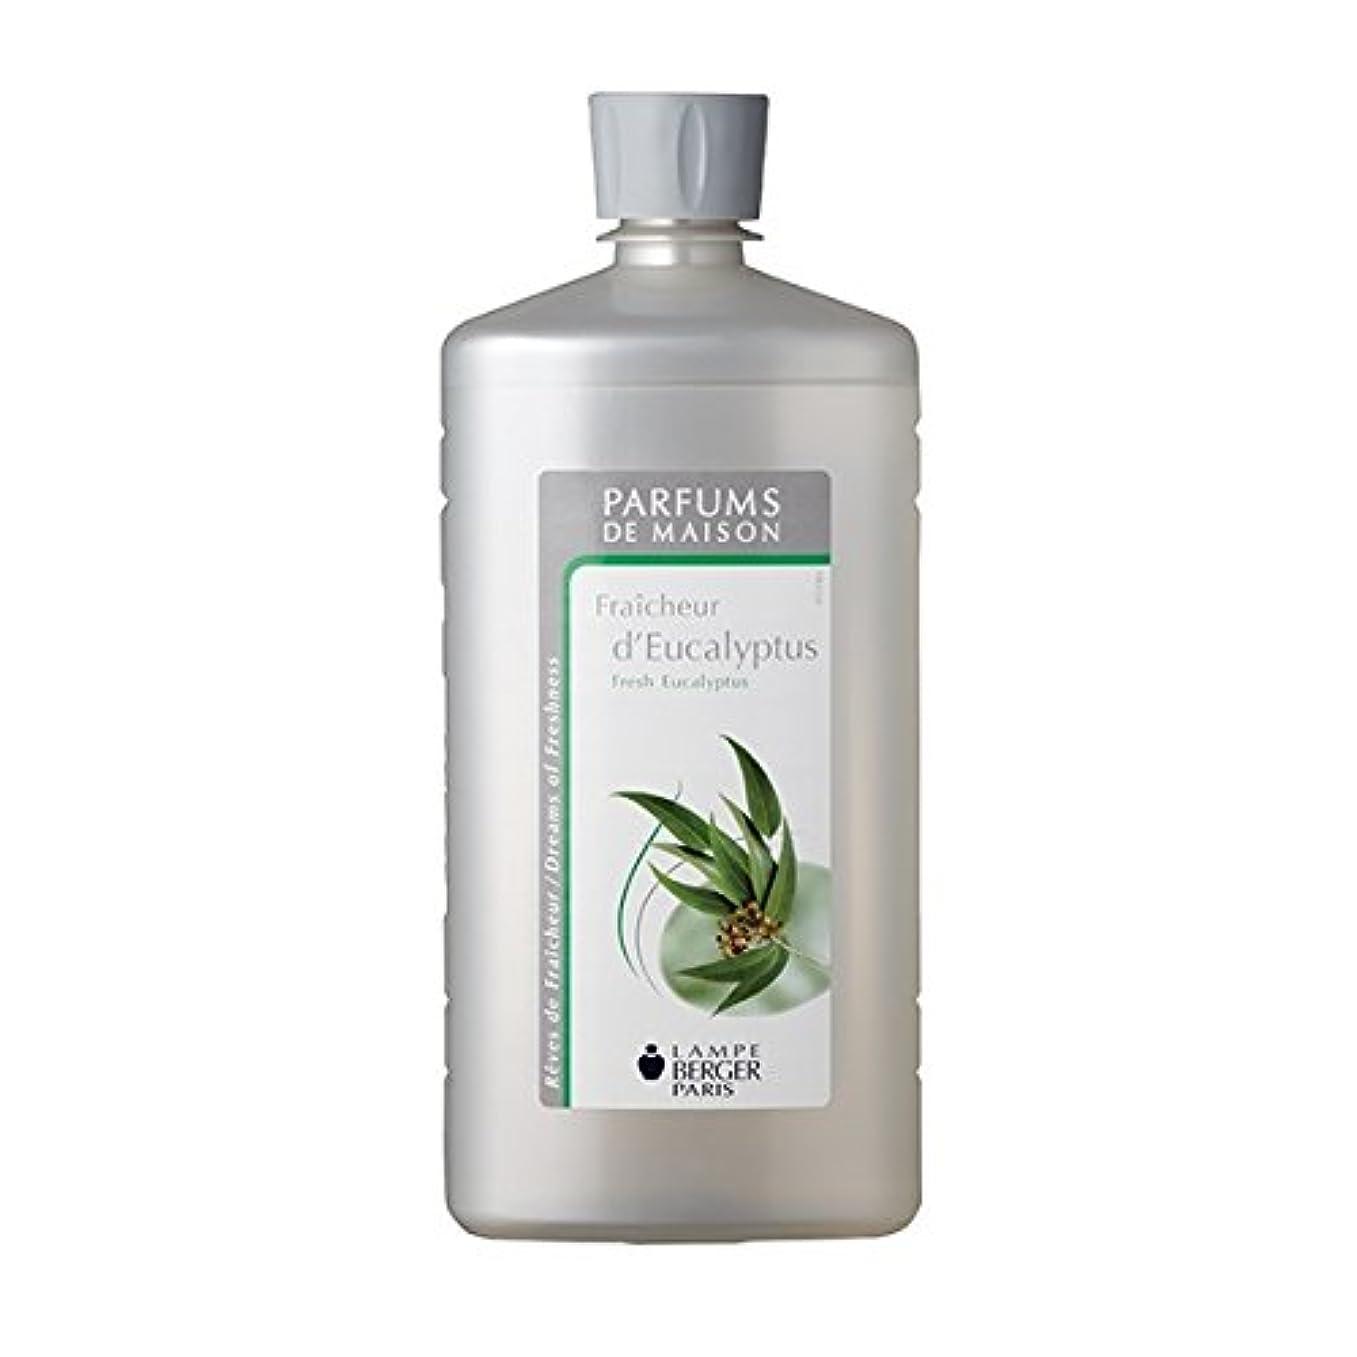 その他増幅する正しくランプベルジェオイル(ユーカリ)Fraîcheur d'Eucalyptus Fresh Eucalyptus